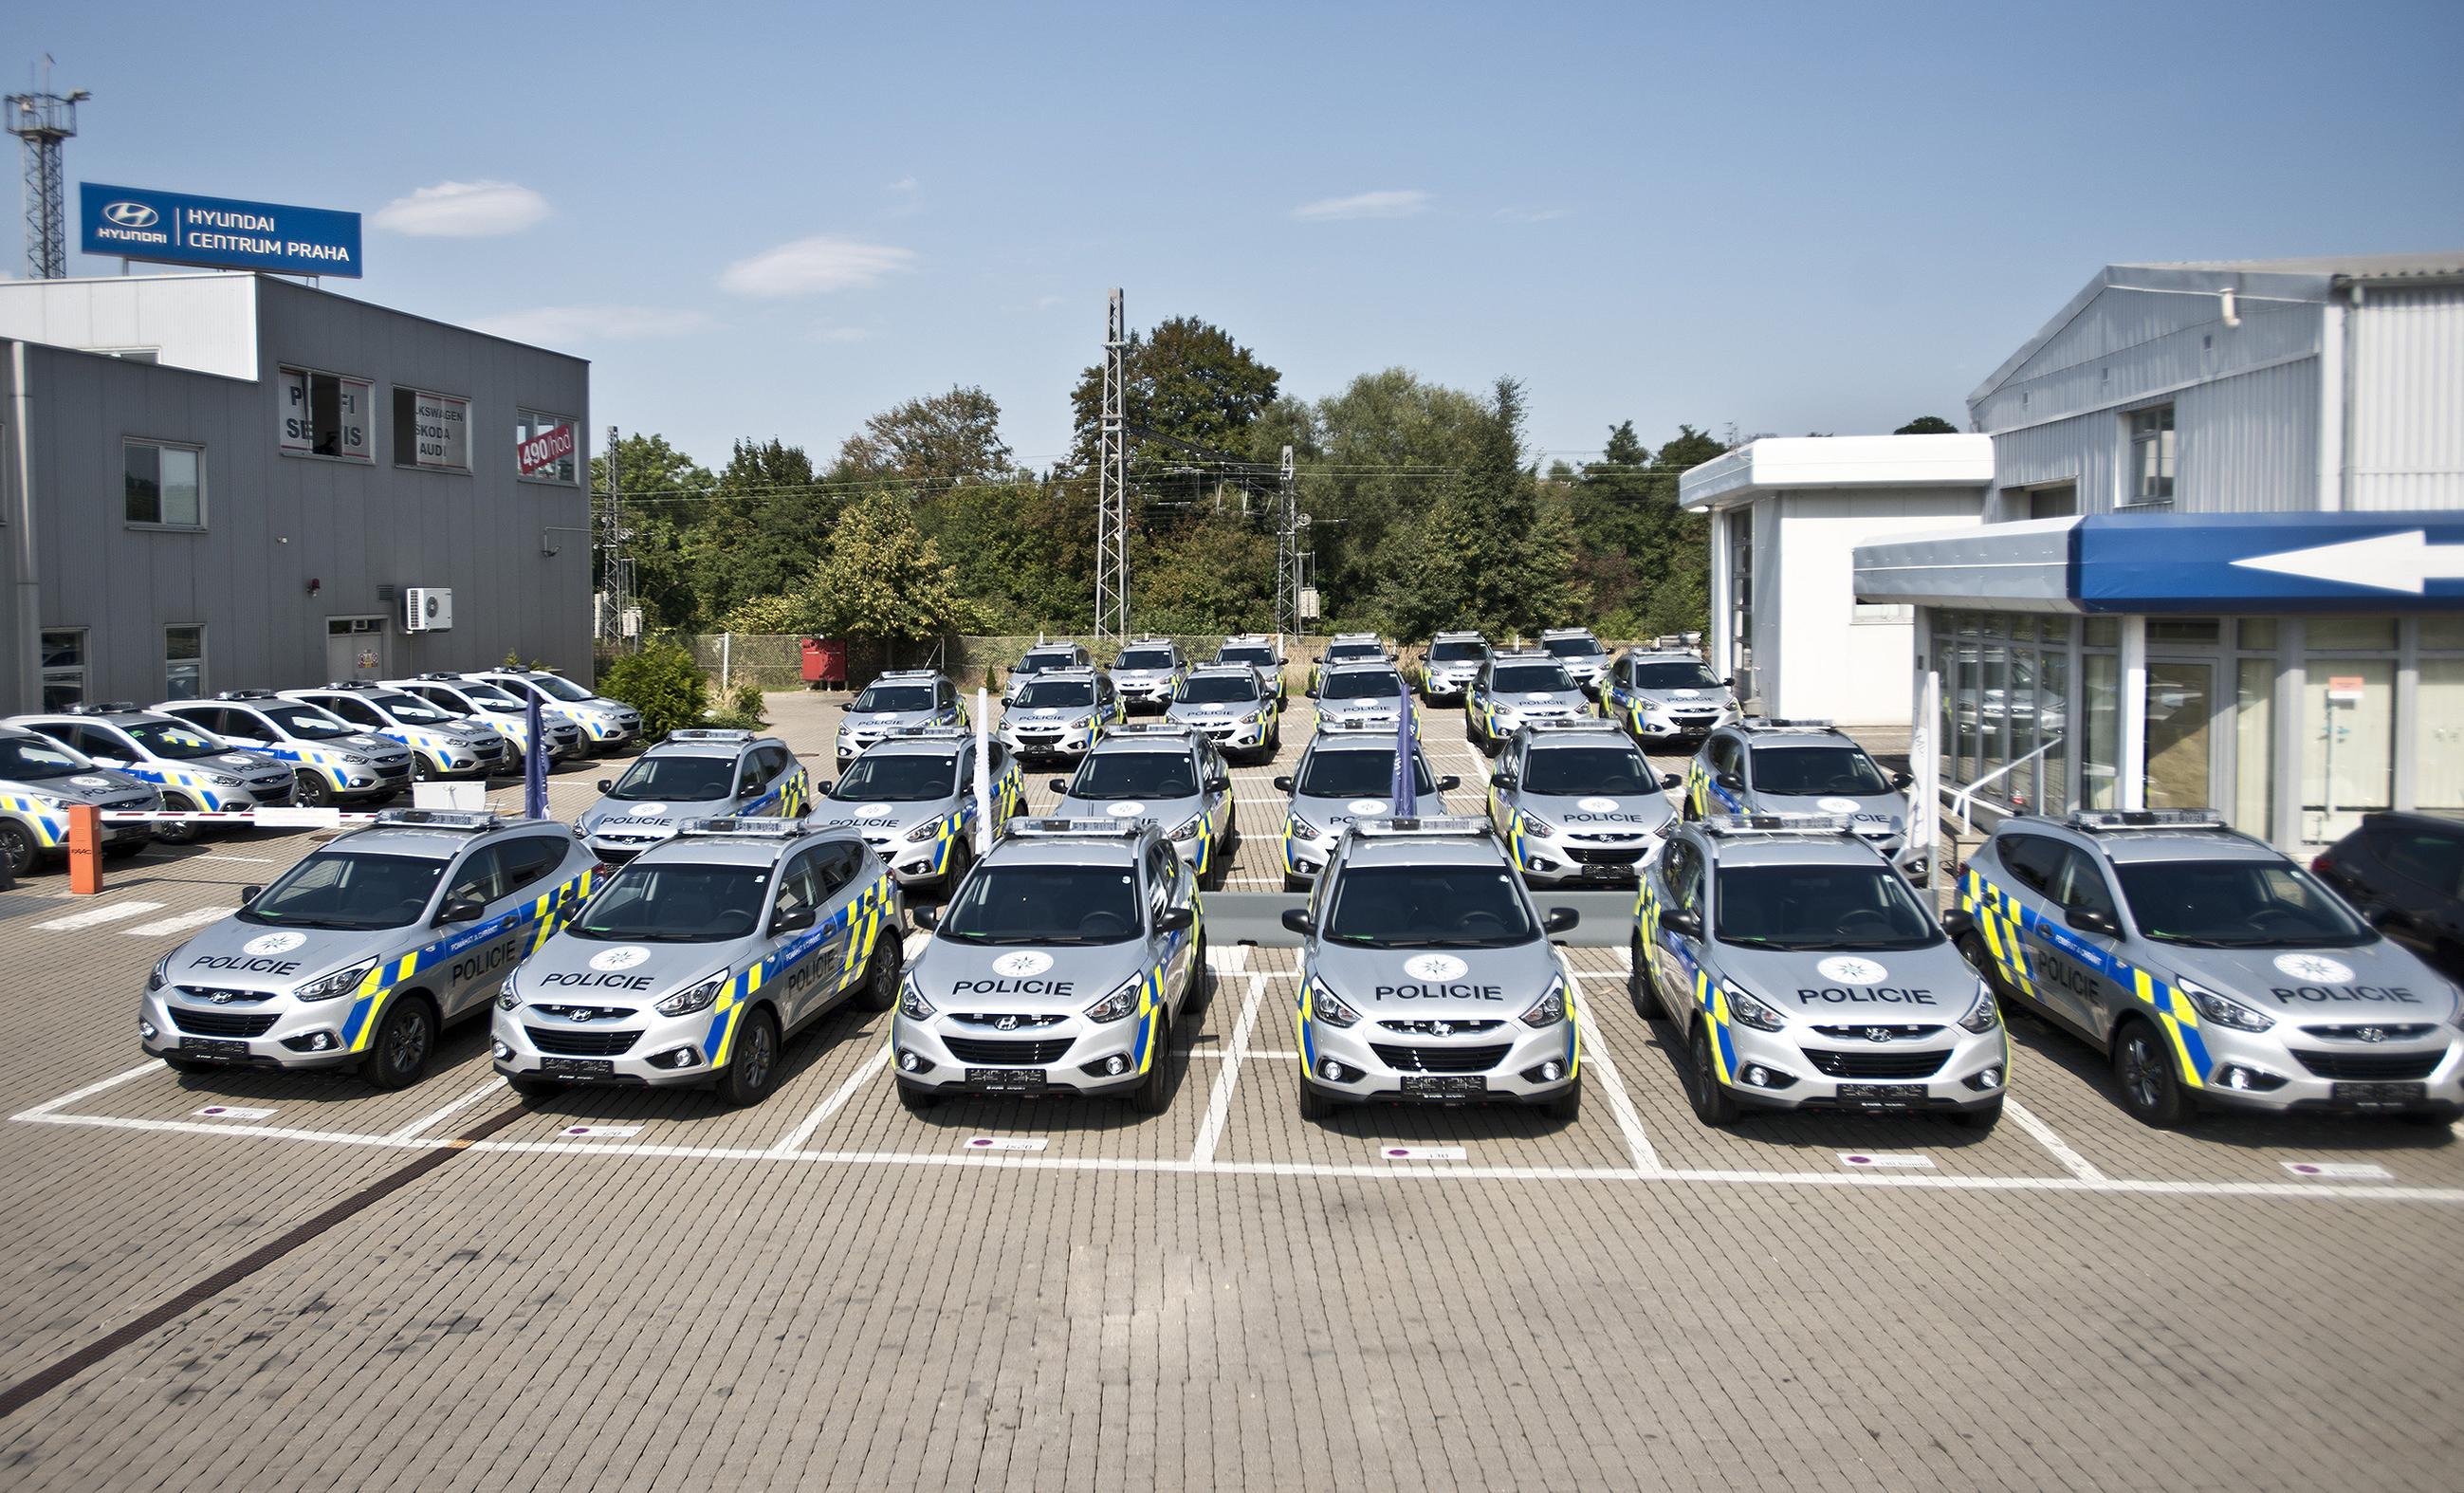 Чешские полицейские откажутся от автомобилей марки Skoda 2